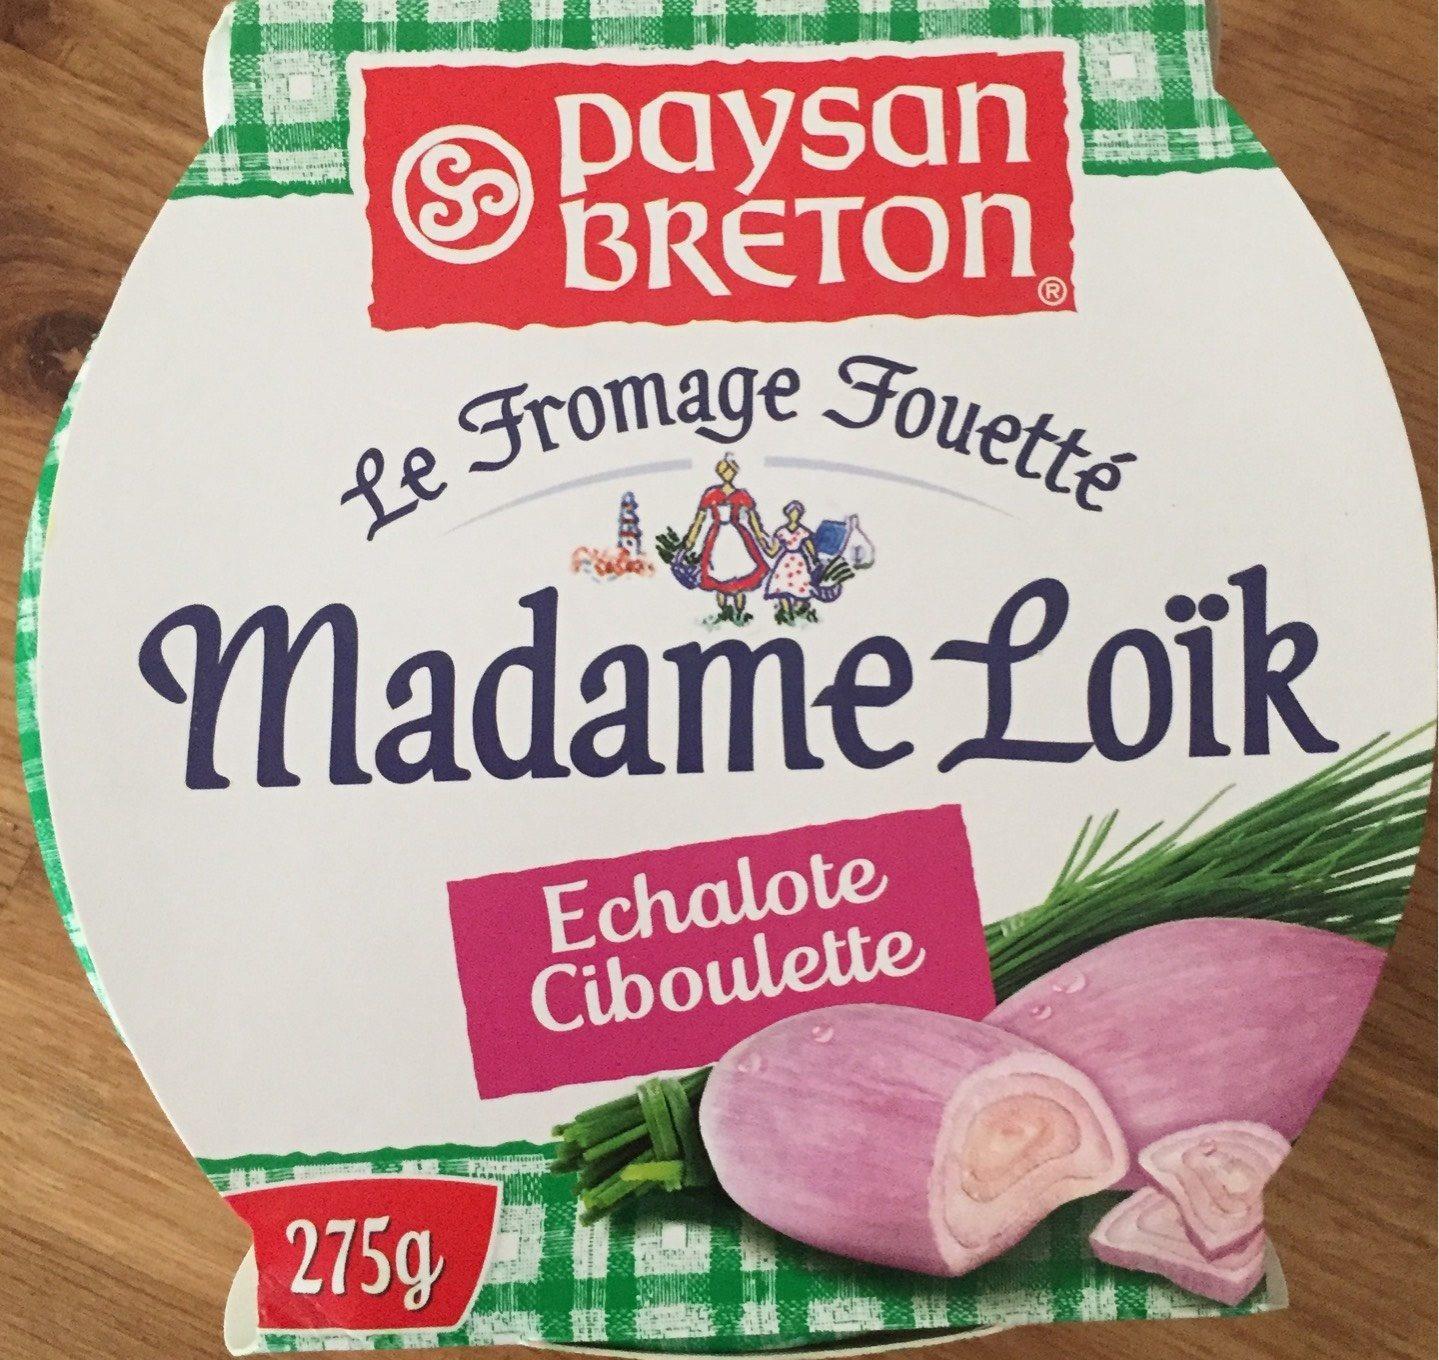 Fromage fouetté Madame Loïk à l'échalote ciboulette - Produit - fr